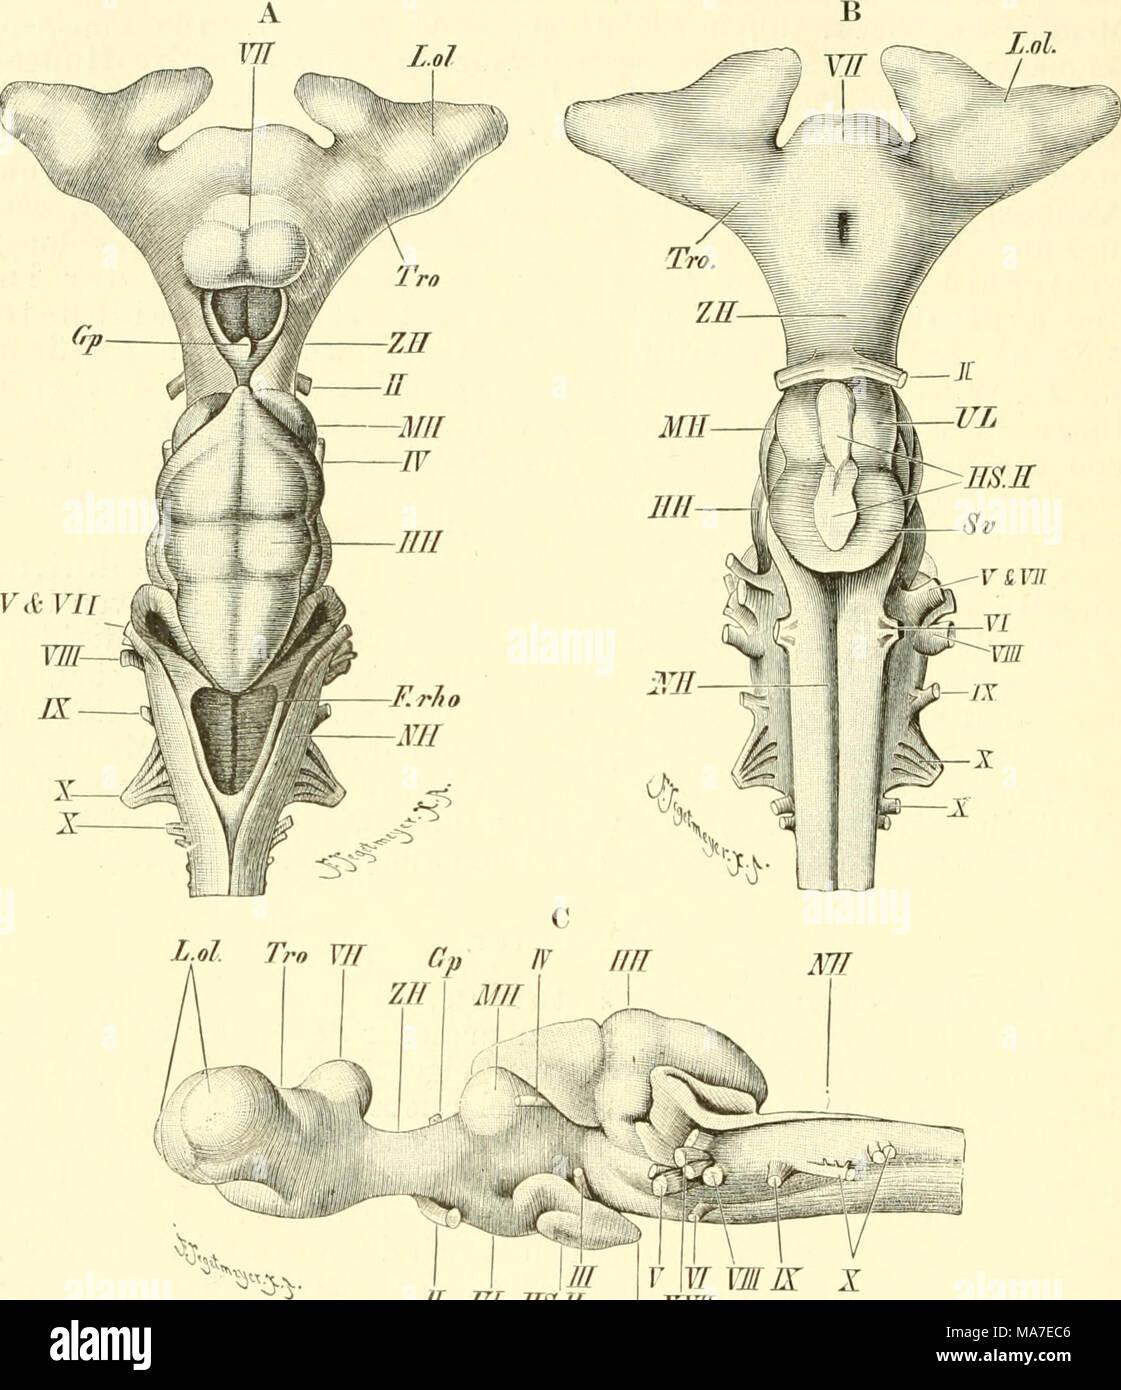 Niedlich Anatomie Lehrbedarf Zeitgenössisch - Menschliche Anatomie ...